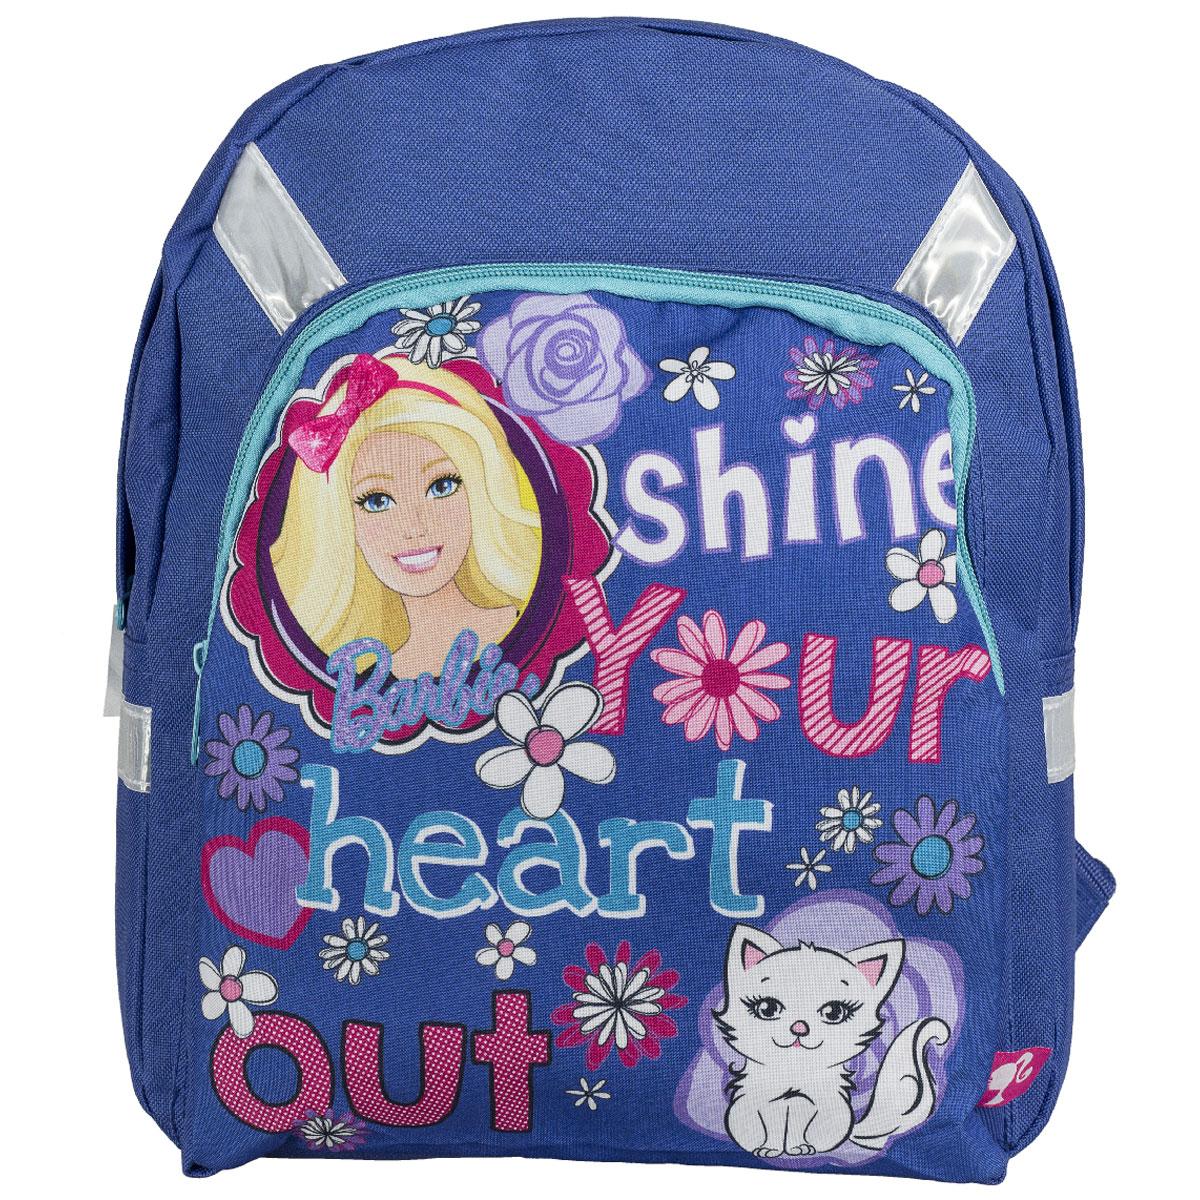 Рюкзак детский Barbie, цвет: синий. BRCB-UT4-55872523WDДетский рюкзак Barbie обязательно привлечет внимание вашей девочки. Выполнен из прочного и безопасного материала и дополнен изображением милой Барби с кошечкой.Содержит одно вместительное отделение, закрывающееся на застежку-молнию. Лицевая сторона оснащена накладным карманом на молнии. Широкие лямки отлично регулируются по длине. Также у рюкзака предусмотрена текстильная ручка для переноски в руке. Светоотражающие элементы обеспечивают безопасность в темное время суток.Такой рюкзак порадует глаз и подарит отличное настроение вашему ребенку, который будет с удовольствием носить в нем свои вещи или любимые игрушки.Рекомендуемый возраст: от 7 лет.